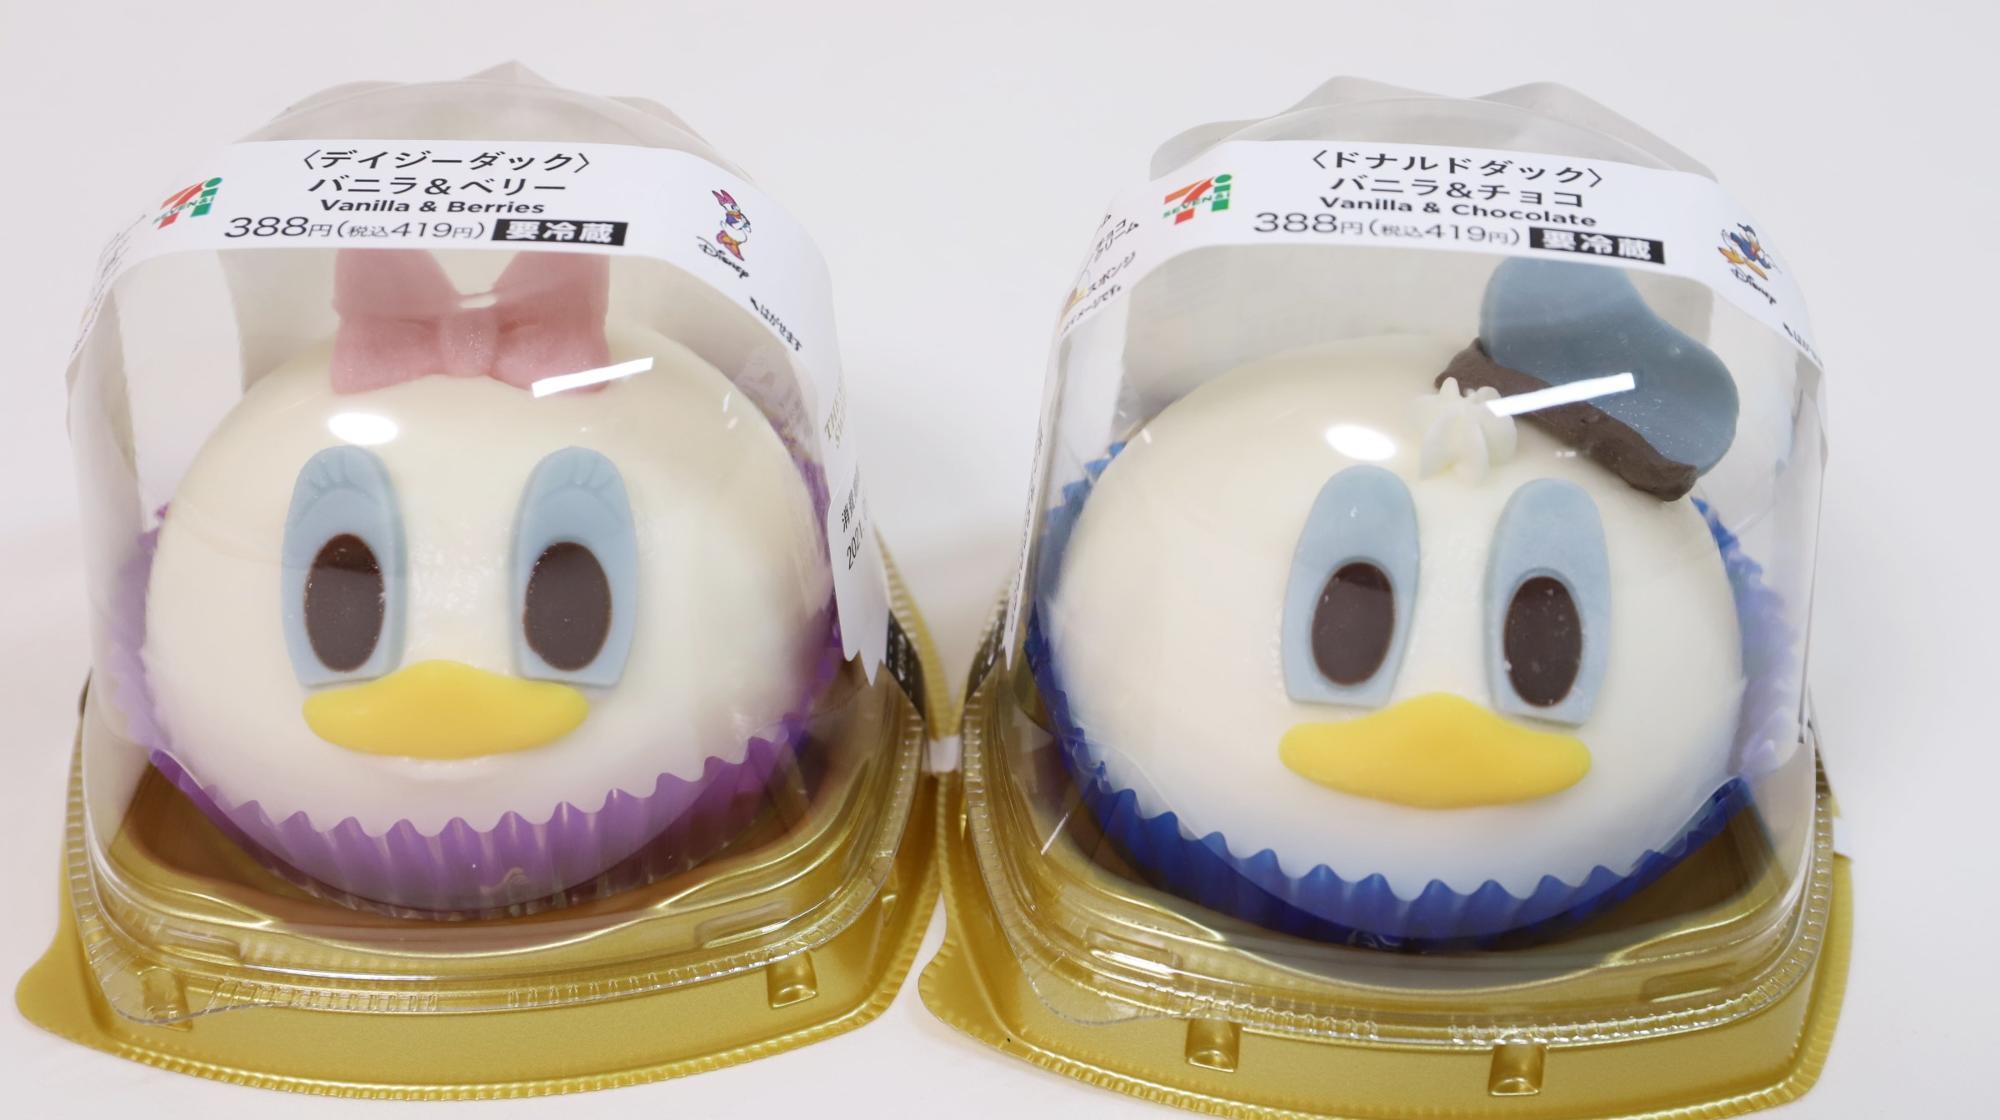 セブンで限定発売されているデイジーダックとドナルドダックのケーキ